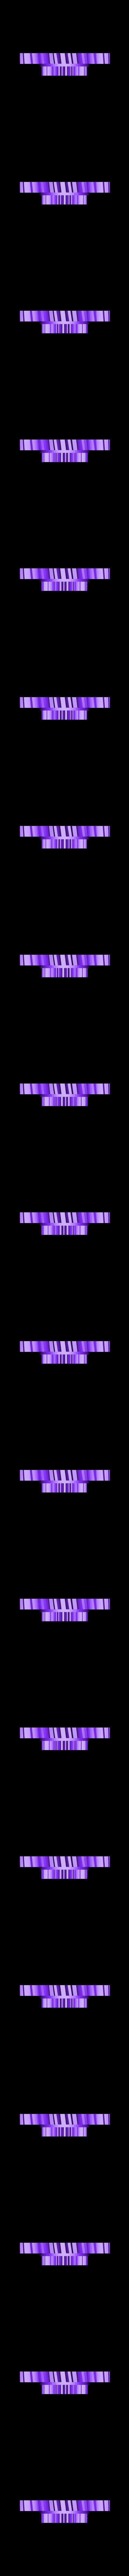 gear1.STL Télécharger fichier STL gratuit Mini éolienne verticale • Modèle imprimable en 3D, Urukgar4D